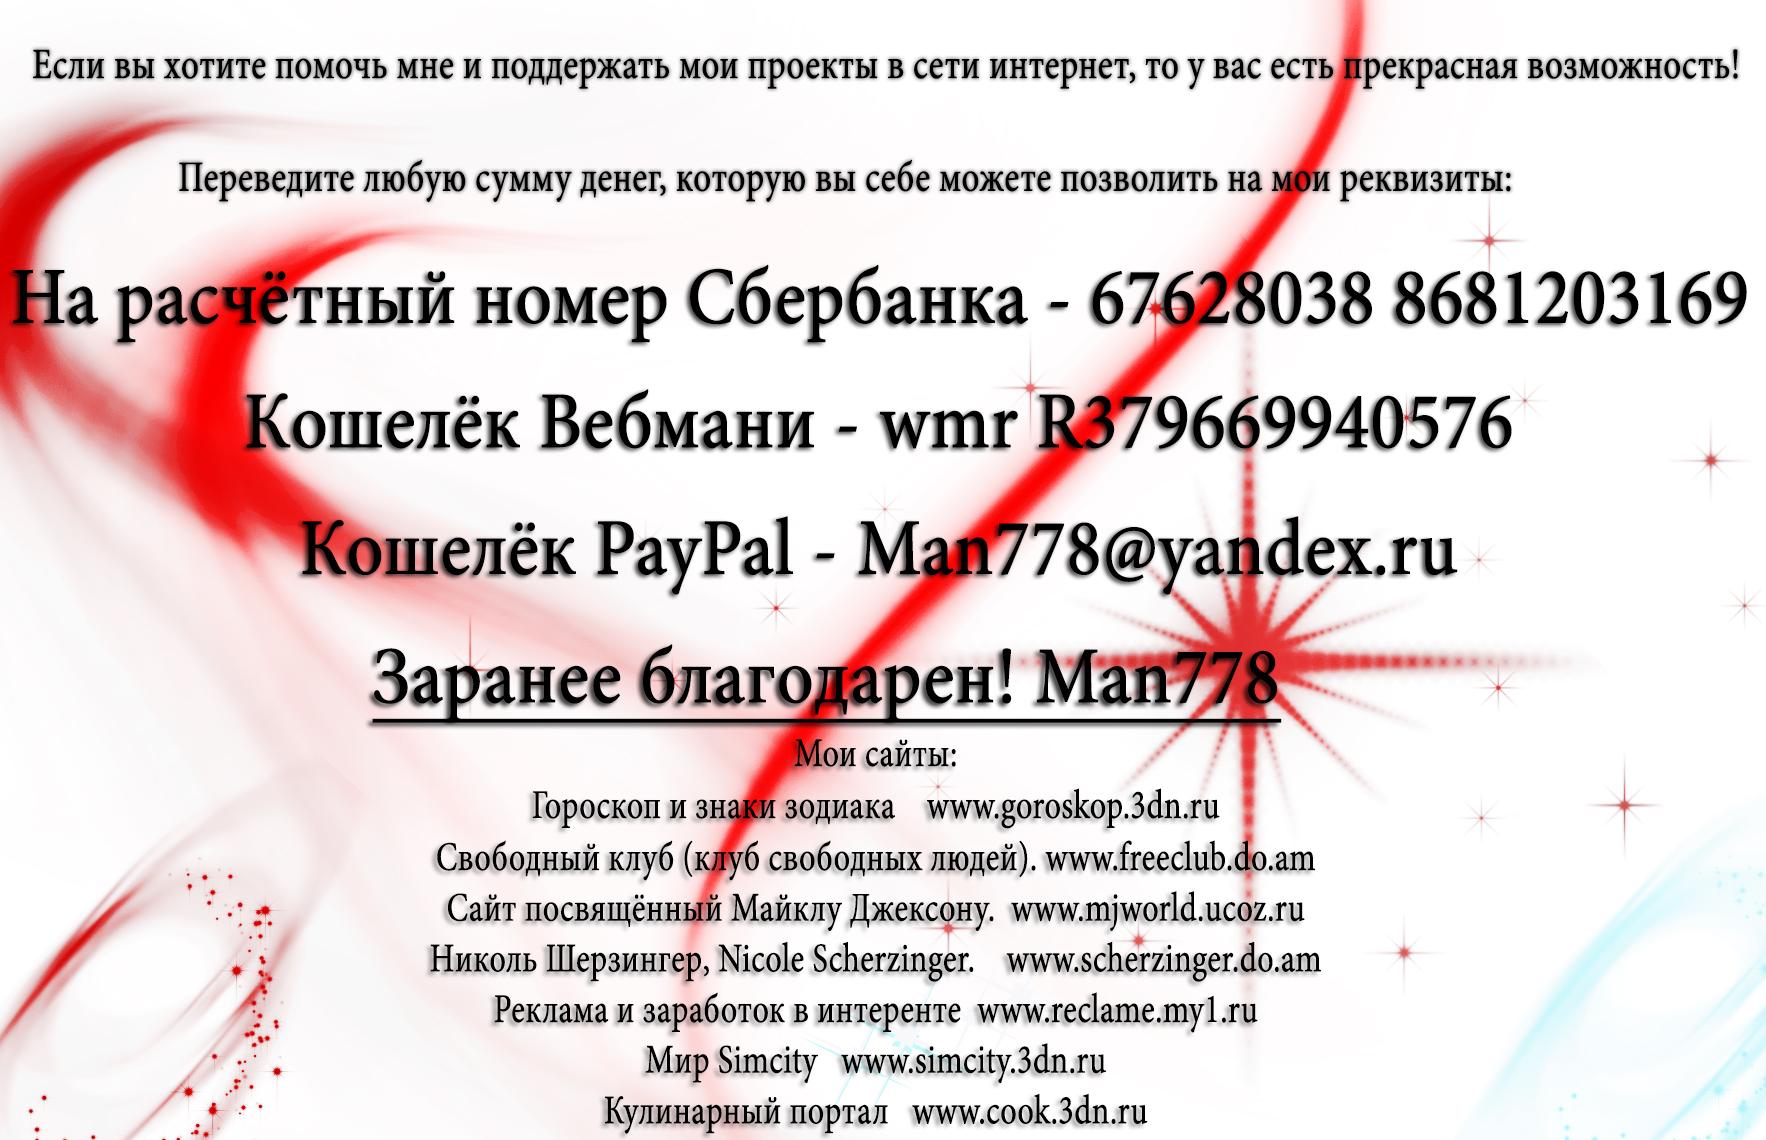 https://img-fotki.yandex.ru/get/39073/36830032.44/0_7fd54_2f48c0ba_orig